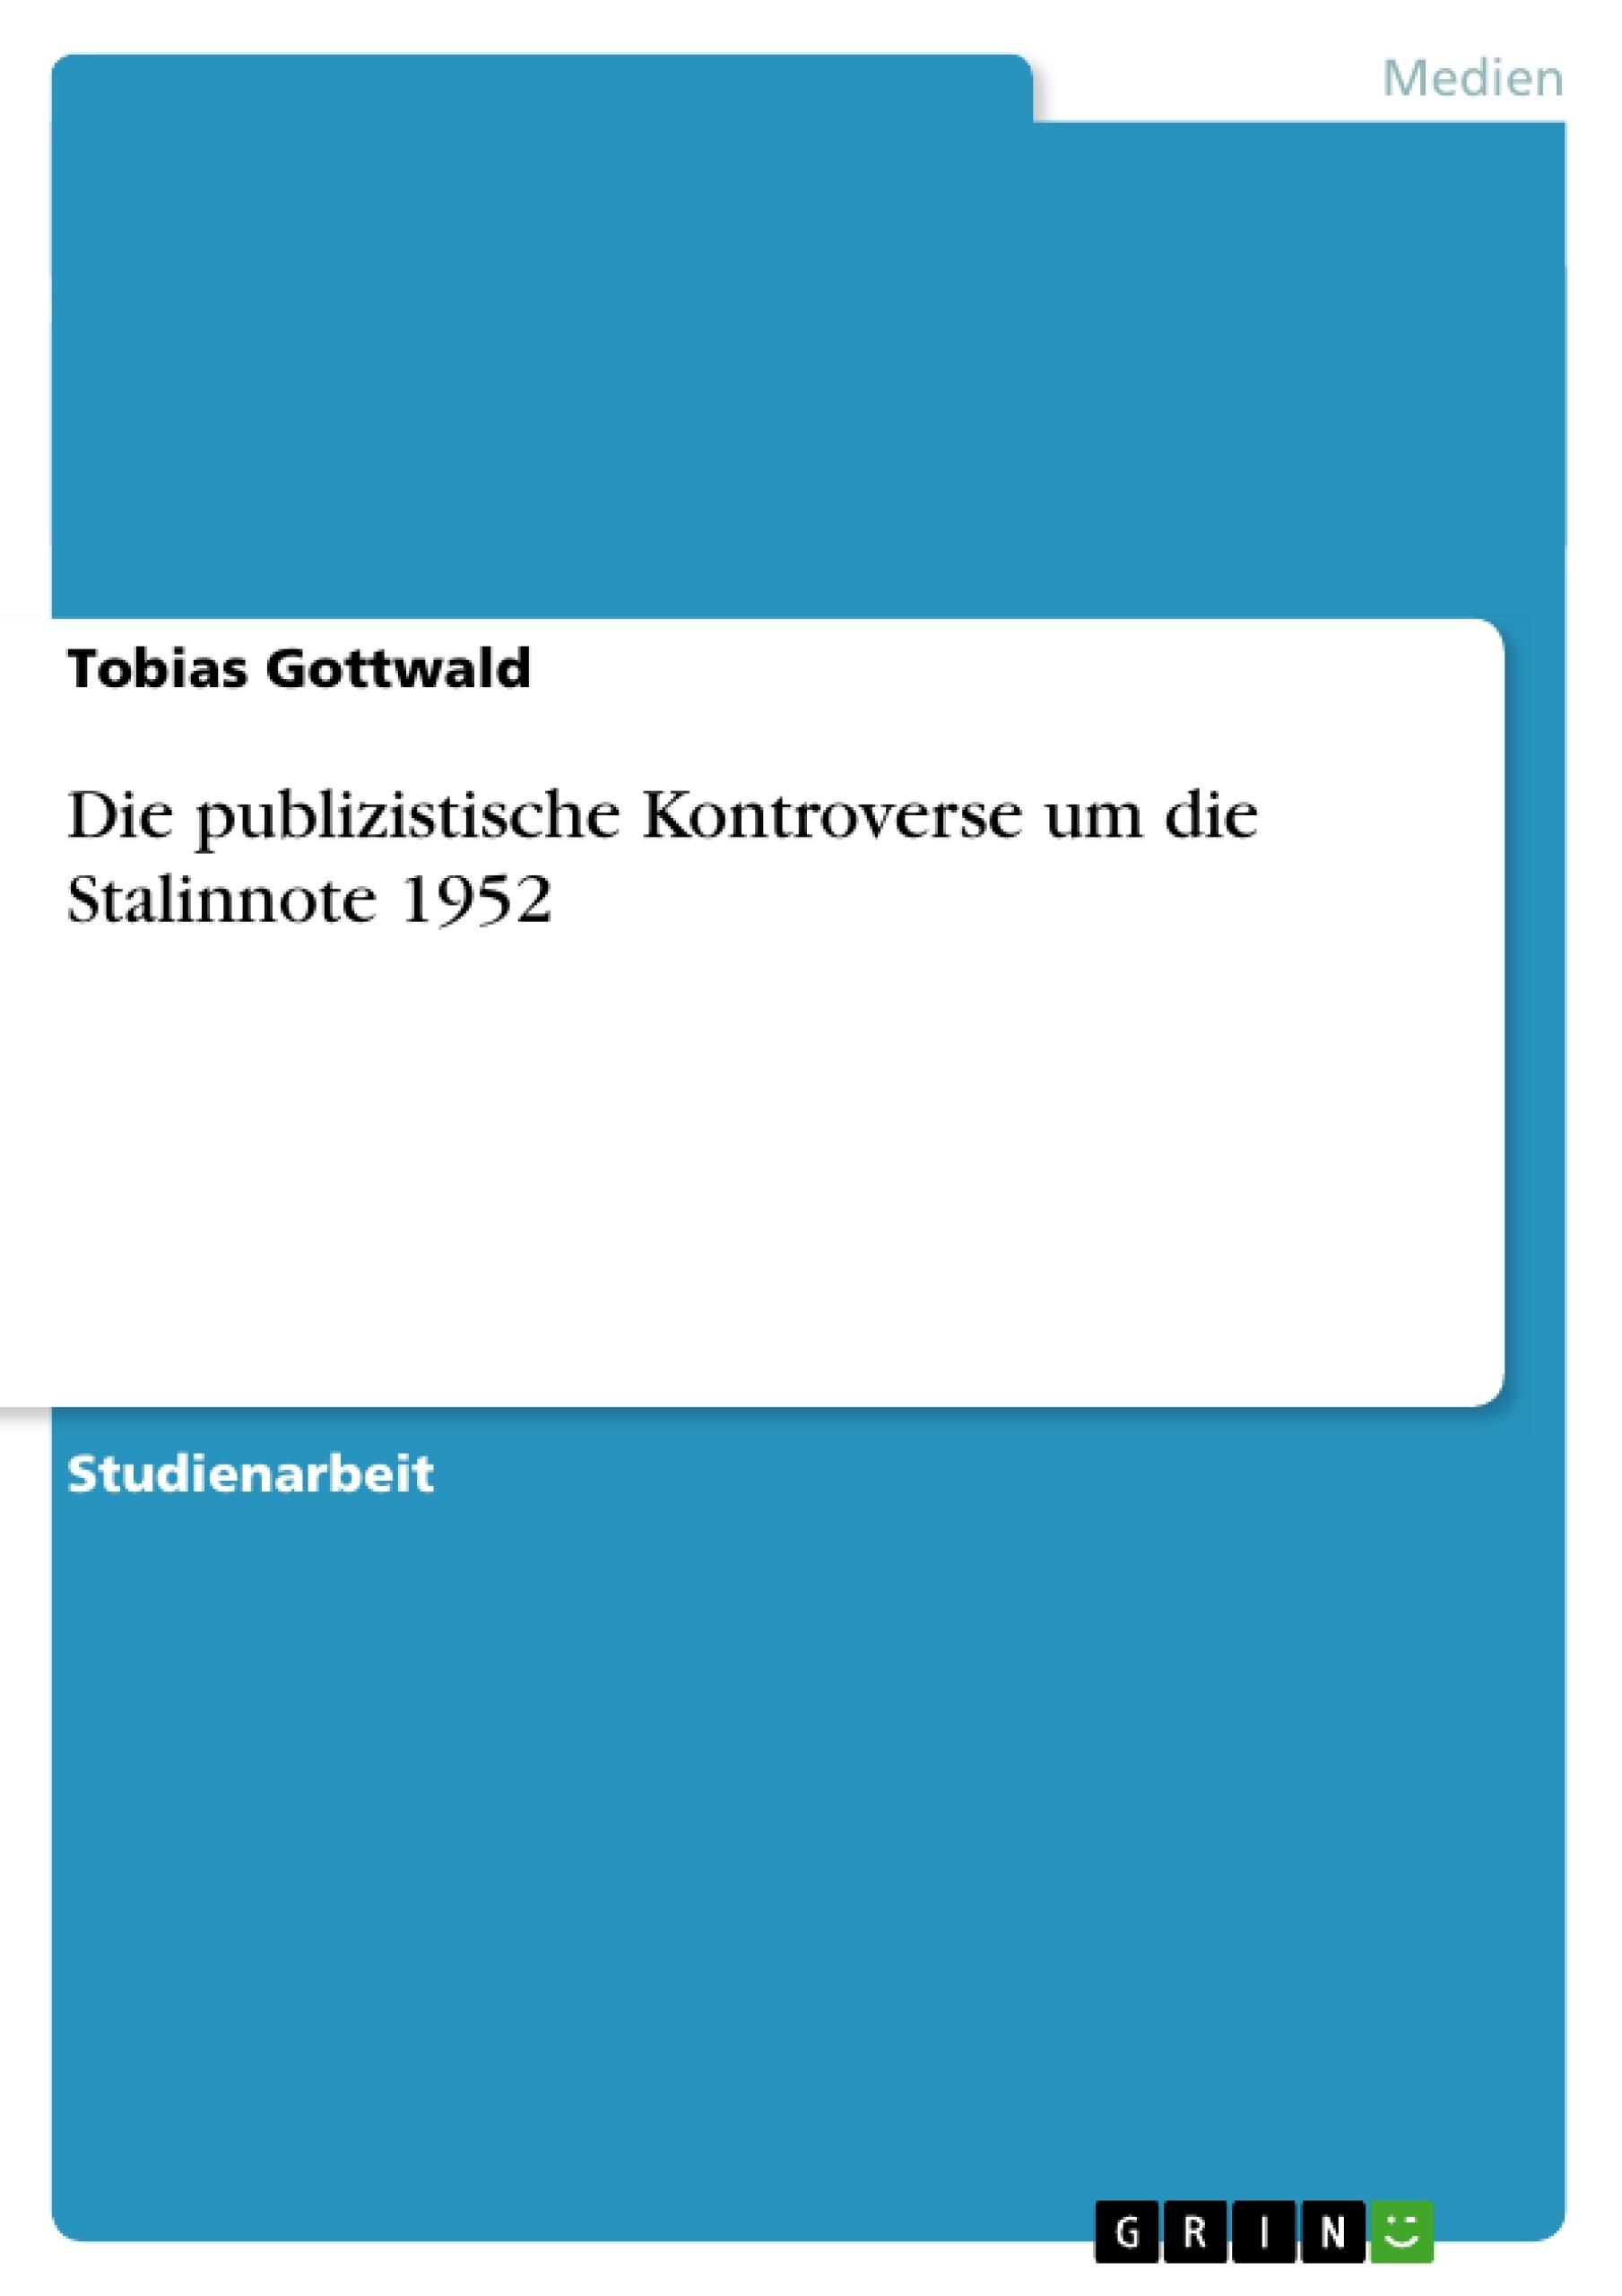 Titel: Die publizistische Kontroverse um die Stalinnote 1952